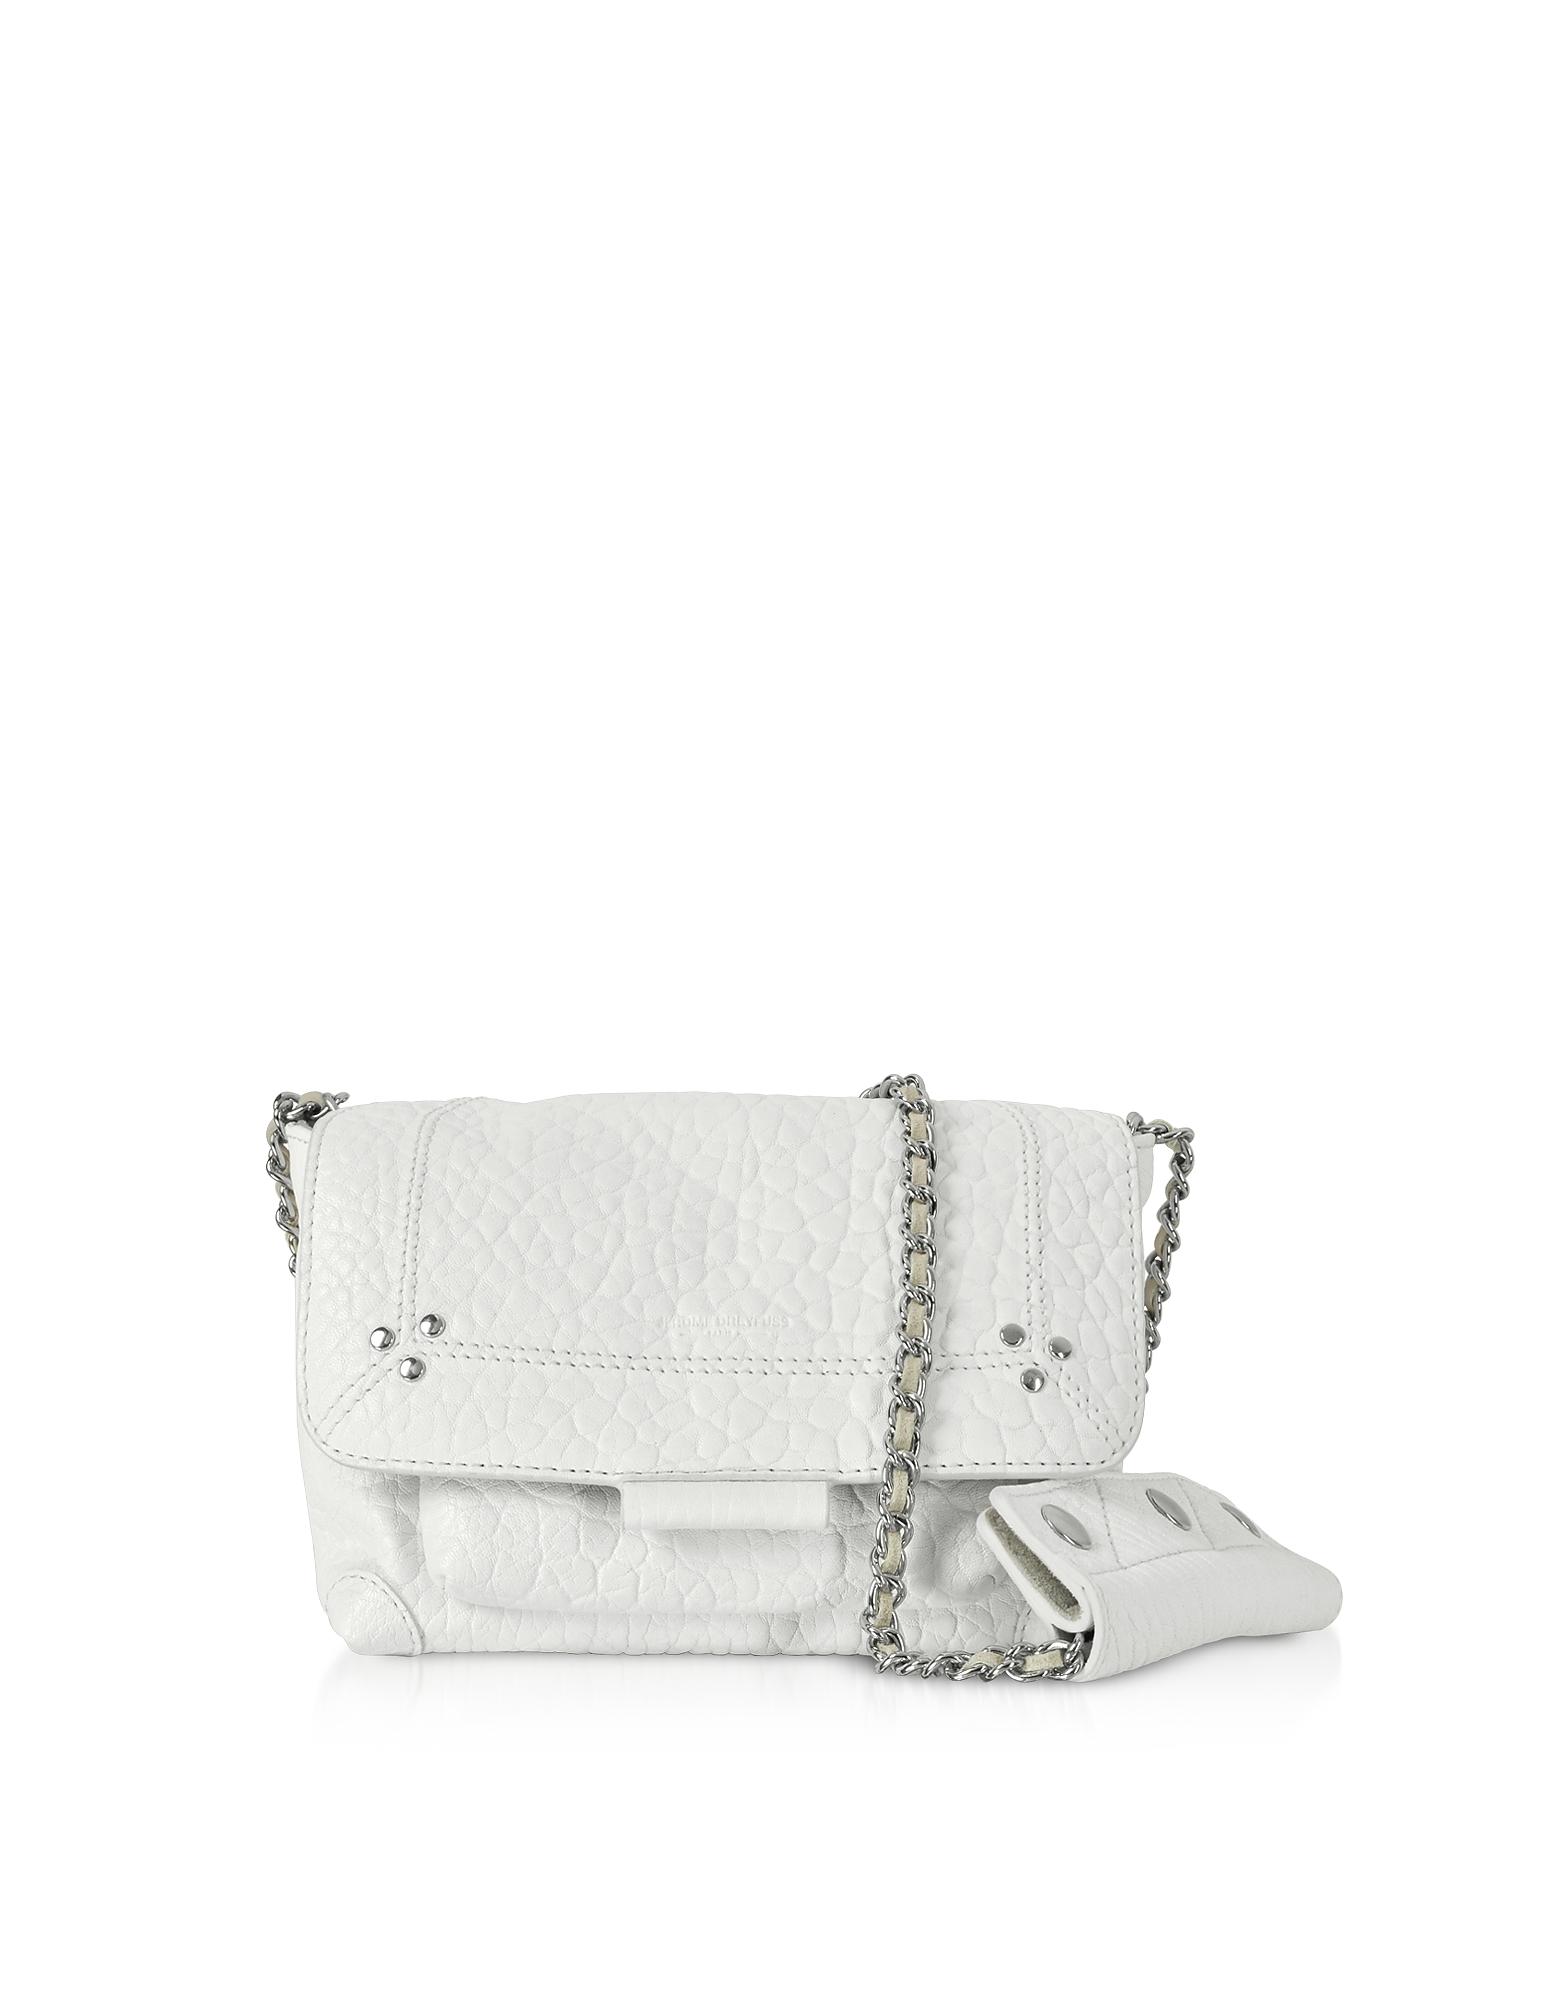 Lulu S Leather Shoulder Bag